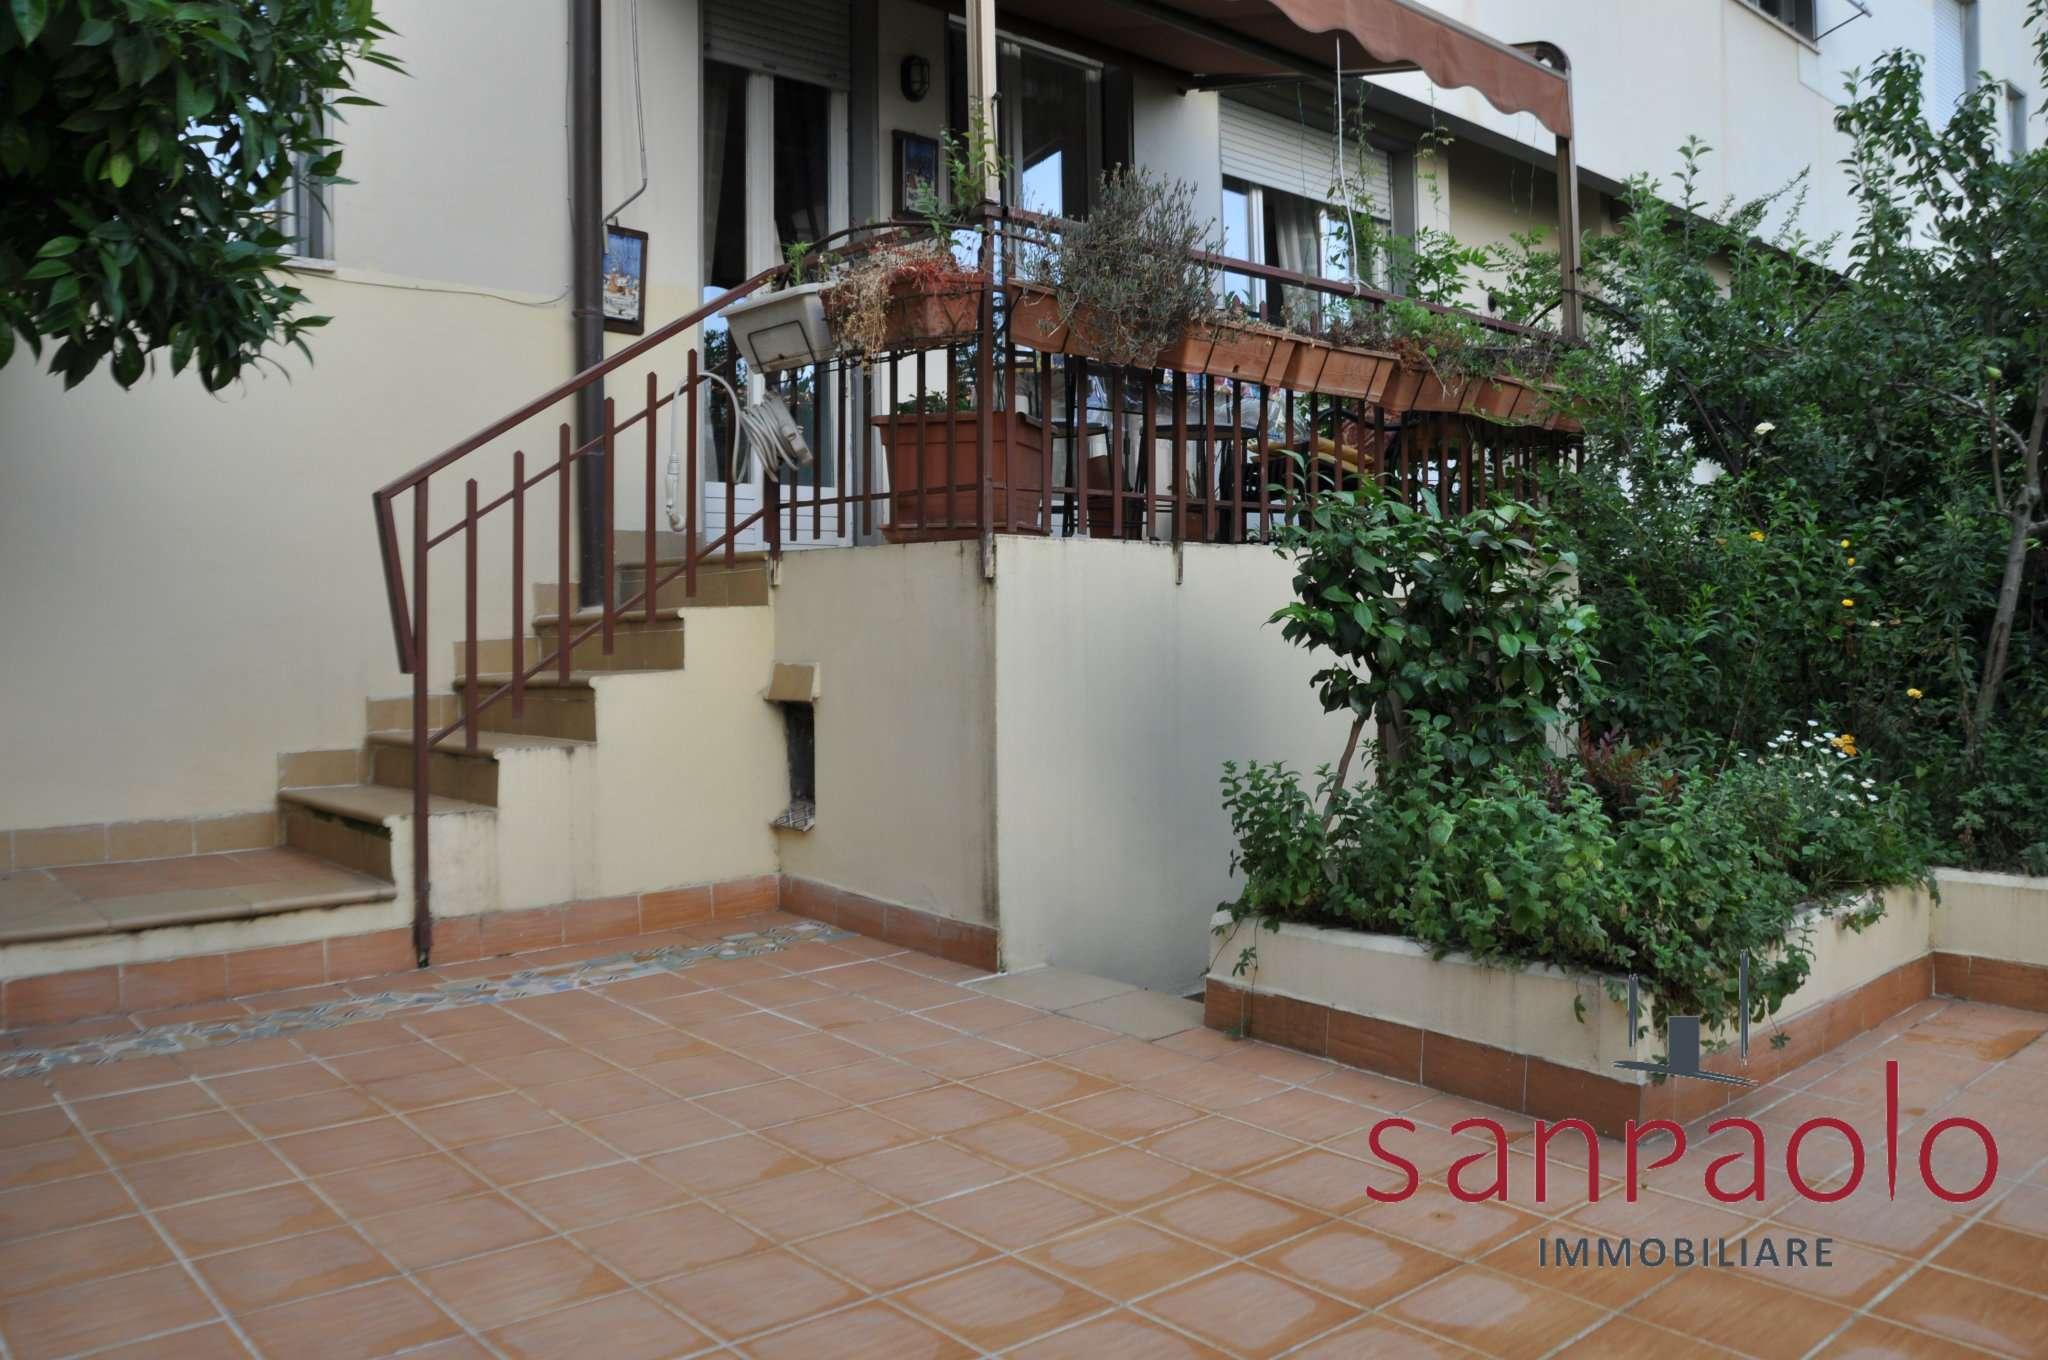 Appartamento in vendita a Montecatini-Terme, 3 locali, prezzo € 160.000   PortaleAgenzieImmobiliari.it